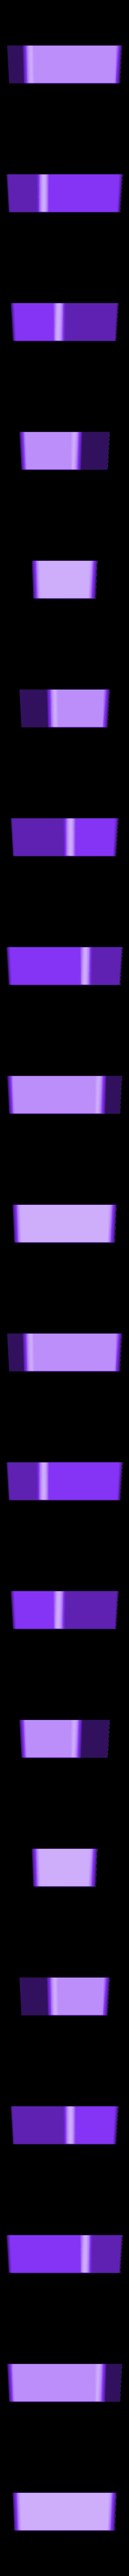 FrontMountElectronicsEnclosureCase.STL Télécharger fichier STL gratuit Boîtier électronique avec languettes de montage • Objet pour impression 3D, TikiLuke